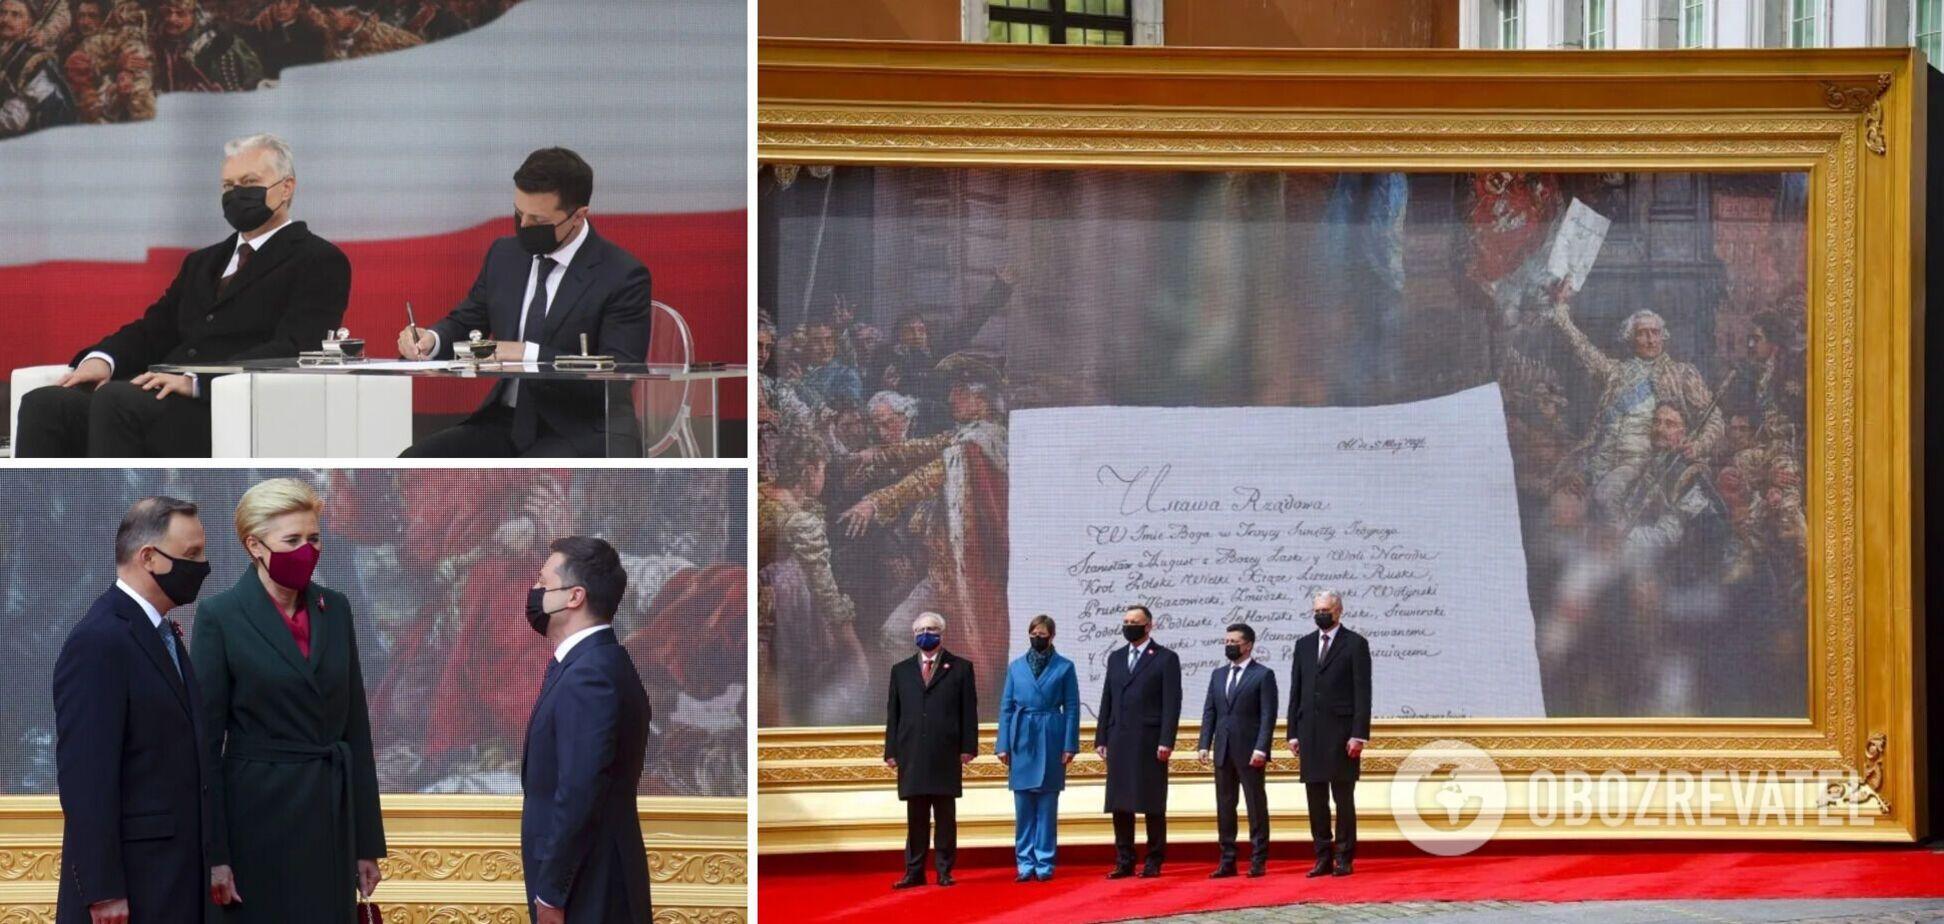 Візит Зеленського в Польщу: головні заяви лідерів країн про Україну